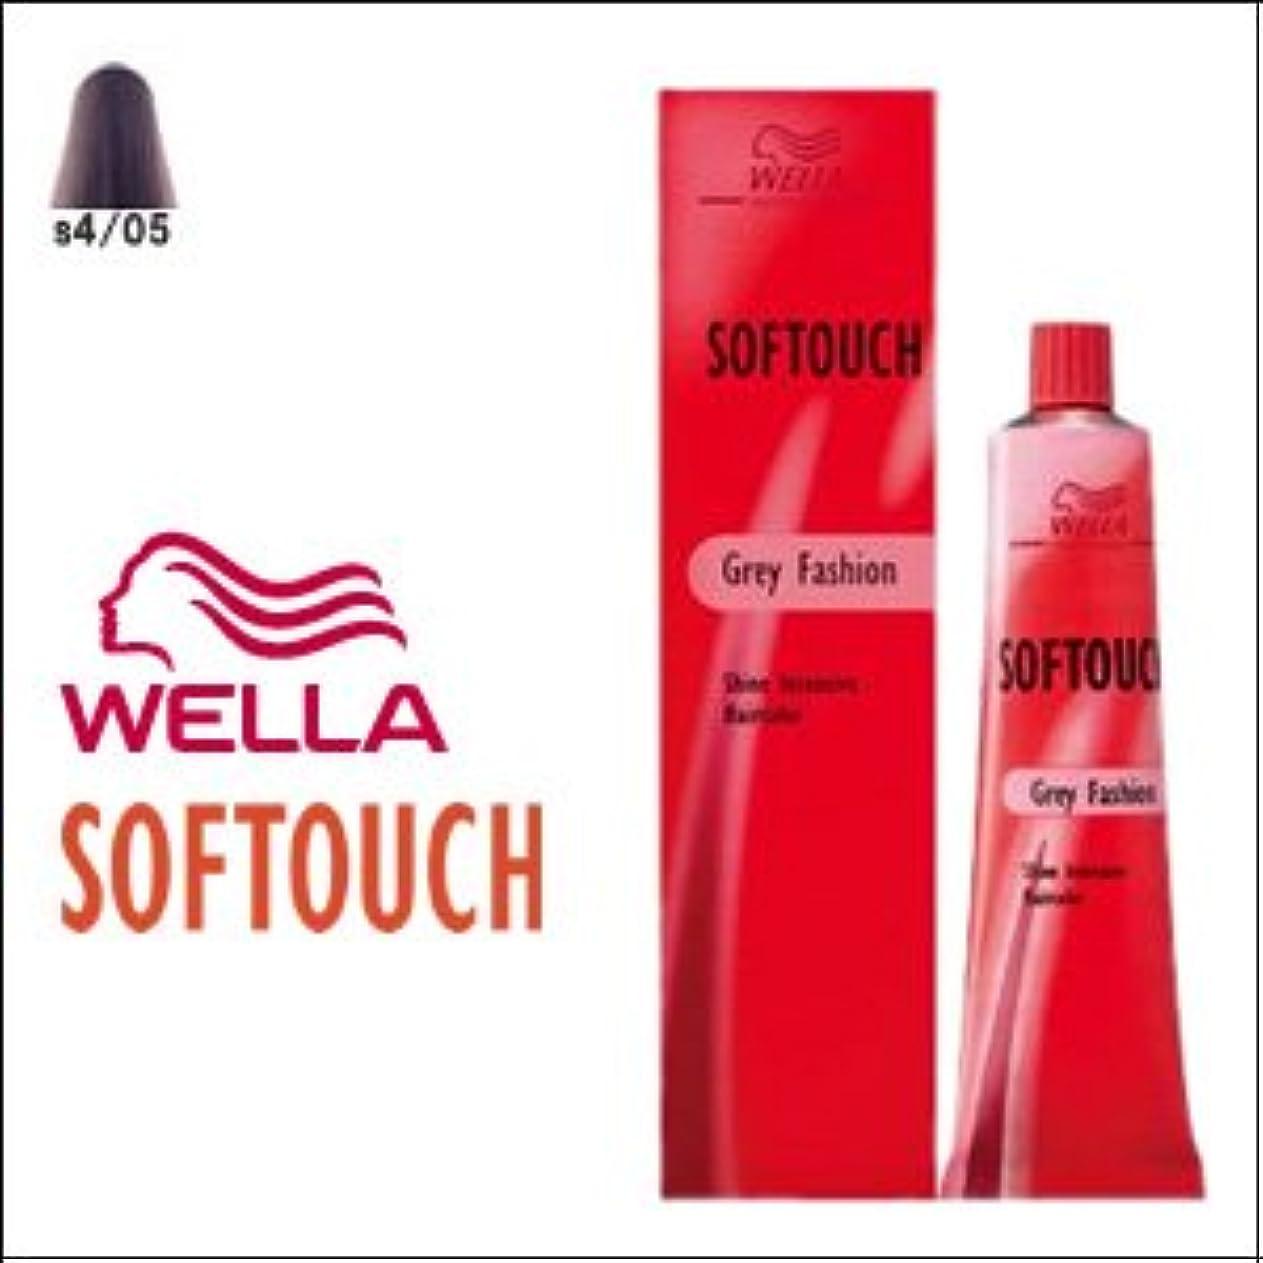 急流もっと正確にウエラ ヘアカラー ソフタッチ S4/05 60g